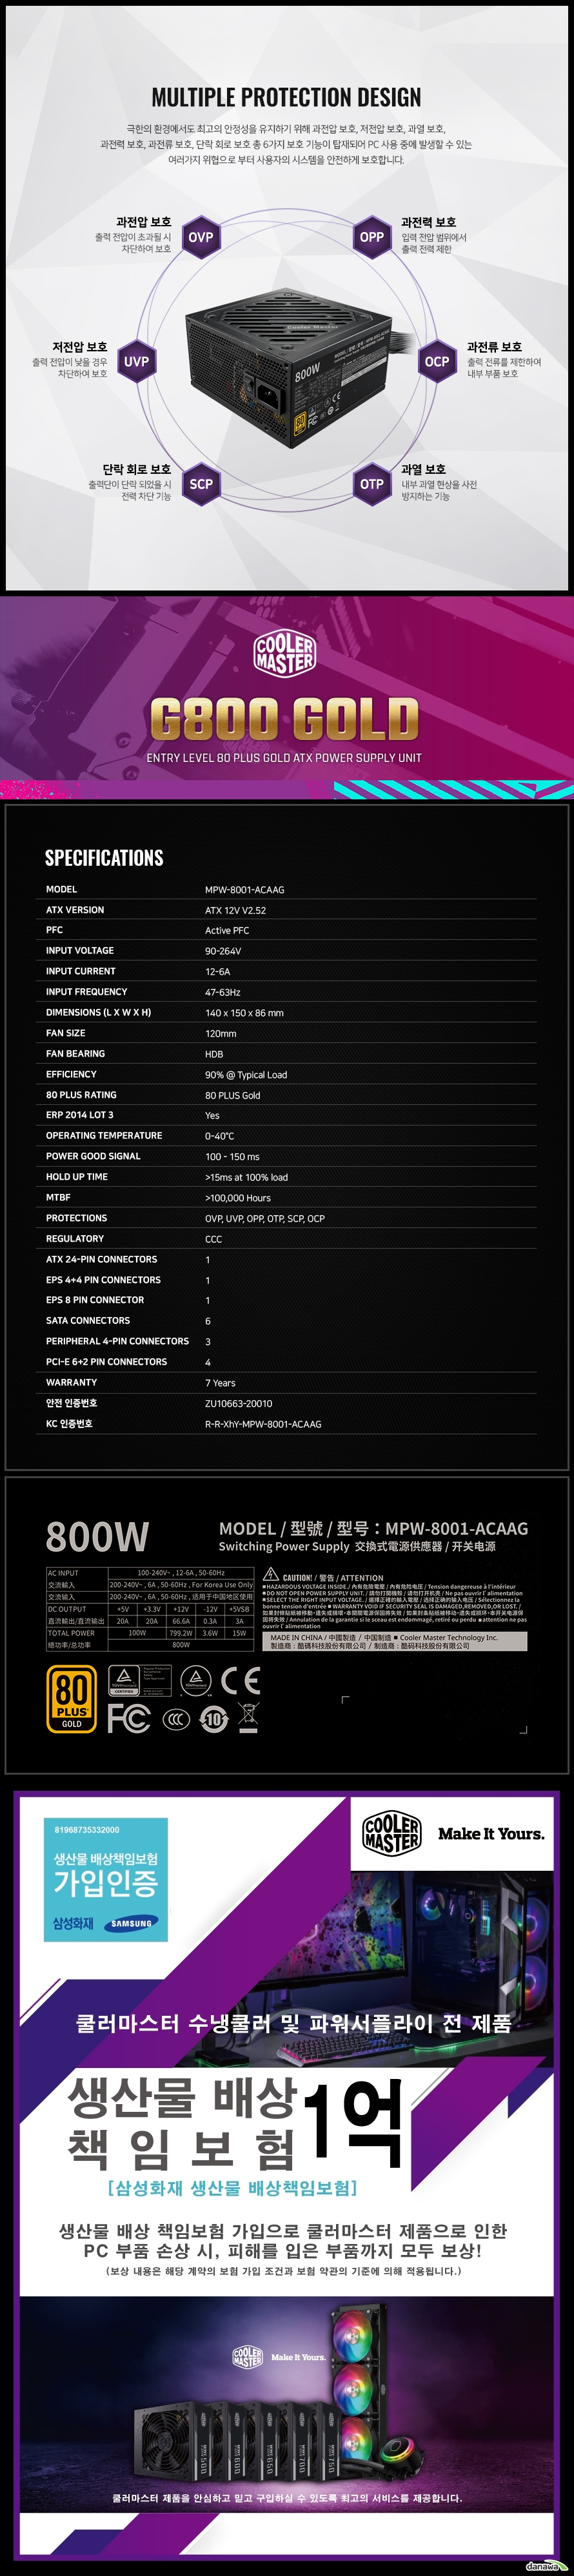 쿨러마스터 G800 GOLD